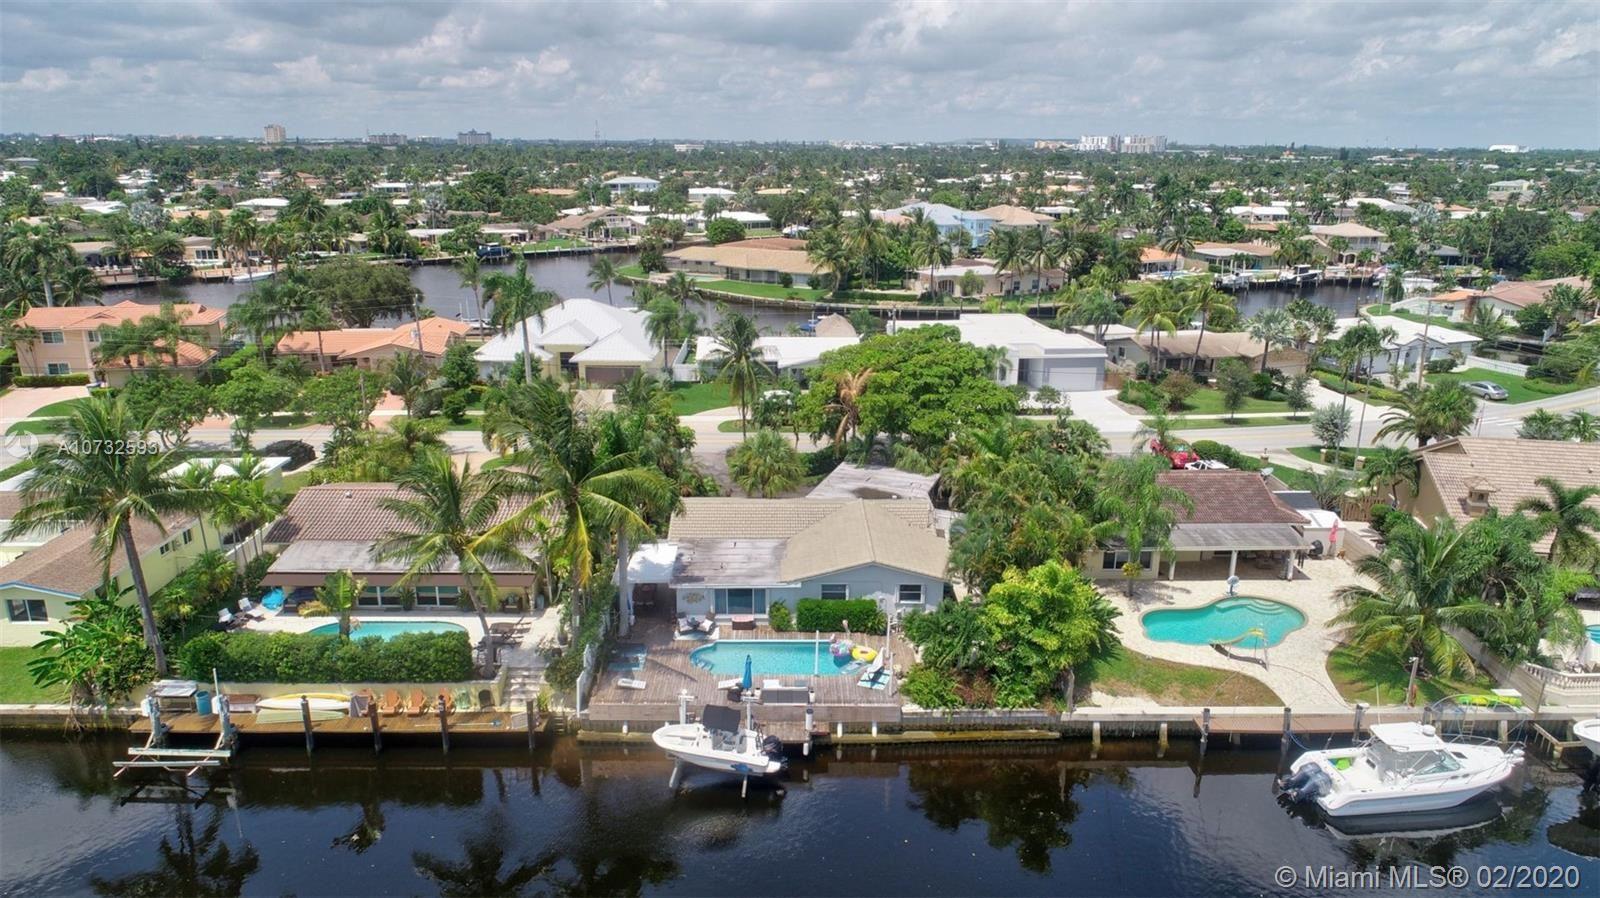 1060 SE 9th Ave, Pompano Beach, FL 33060 - MLS#: A10732593